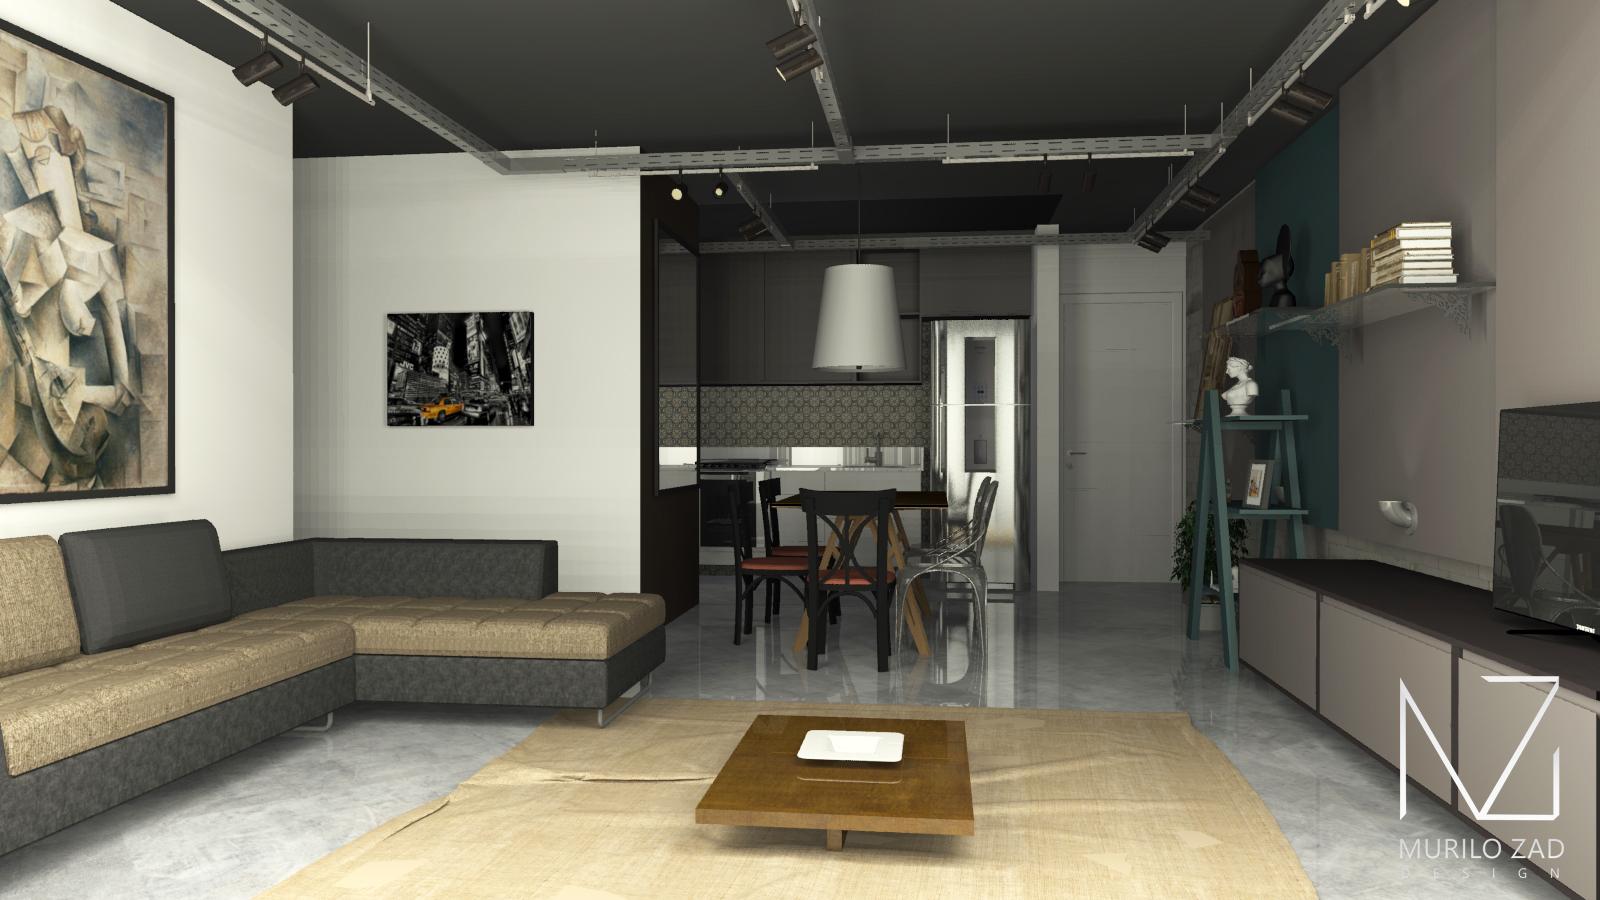 #604F33 de jantar e estar no estilo escandinavo por Murilo Zad designer de  1600x900 px Projeto De Cozinha Industrial Hotel_4665 Imagens